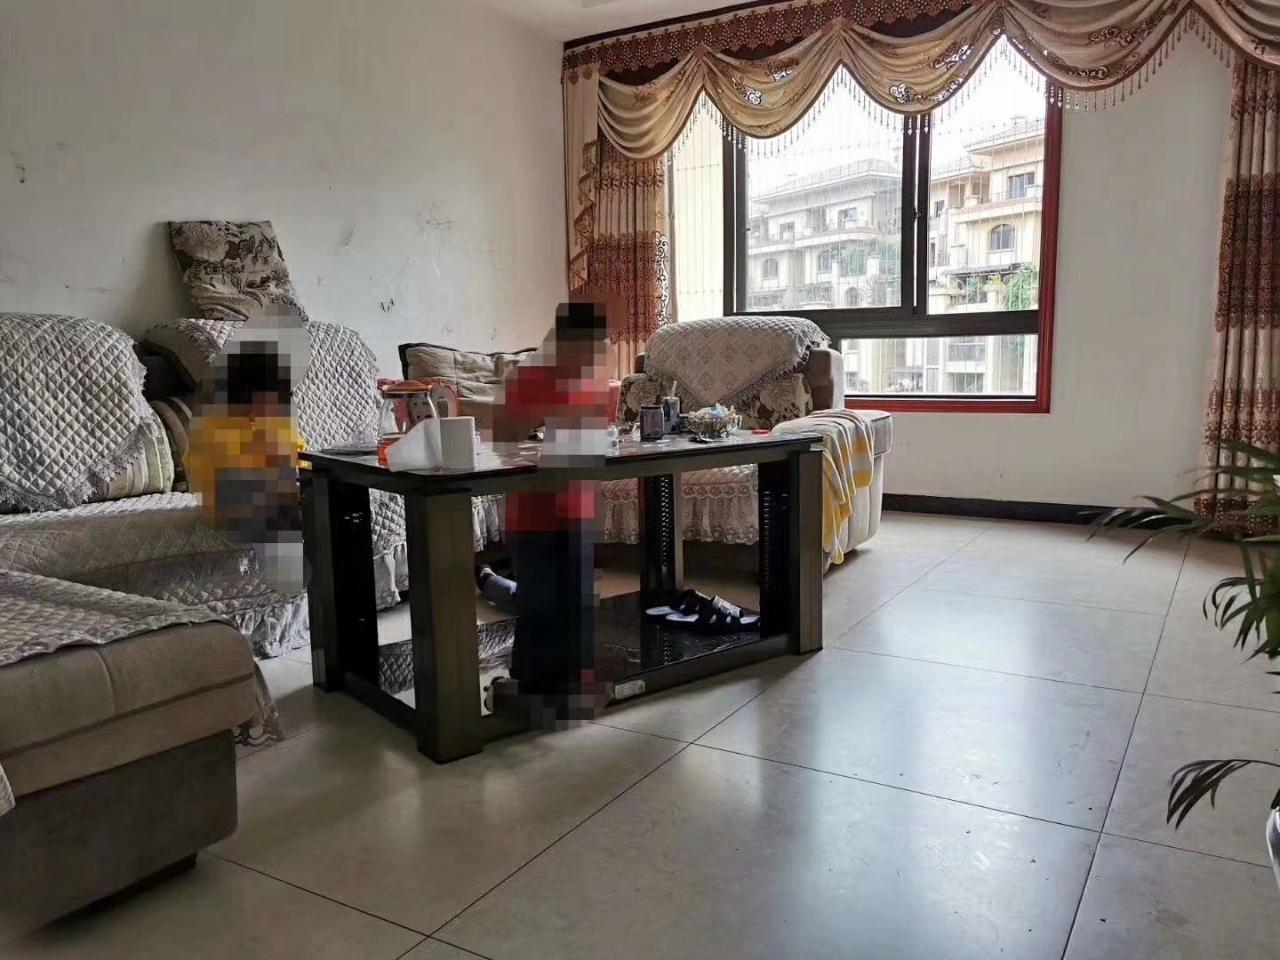 晋鹏·山台山3室 2厅 2卫78.8万元